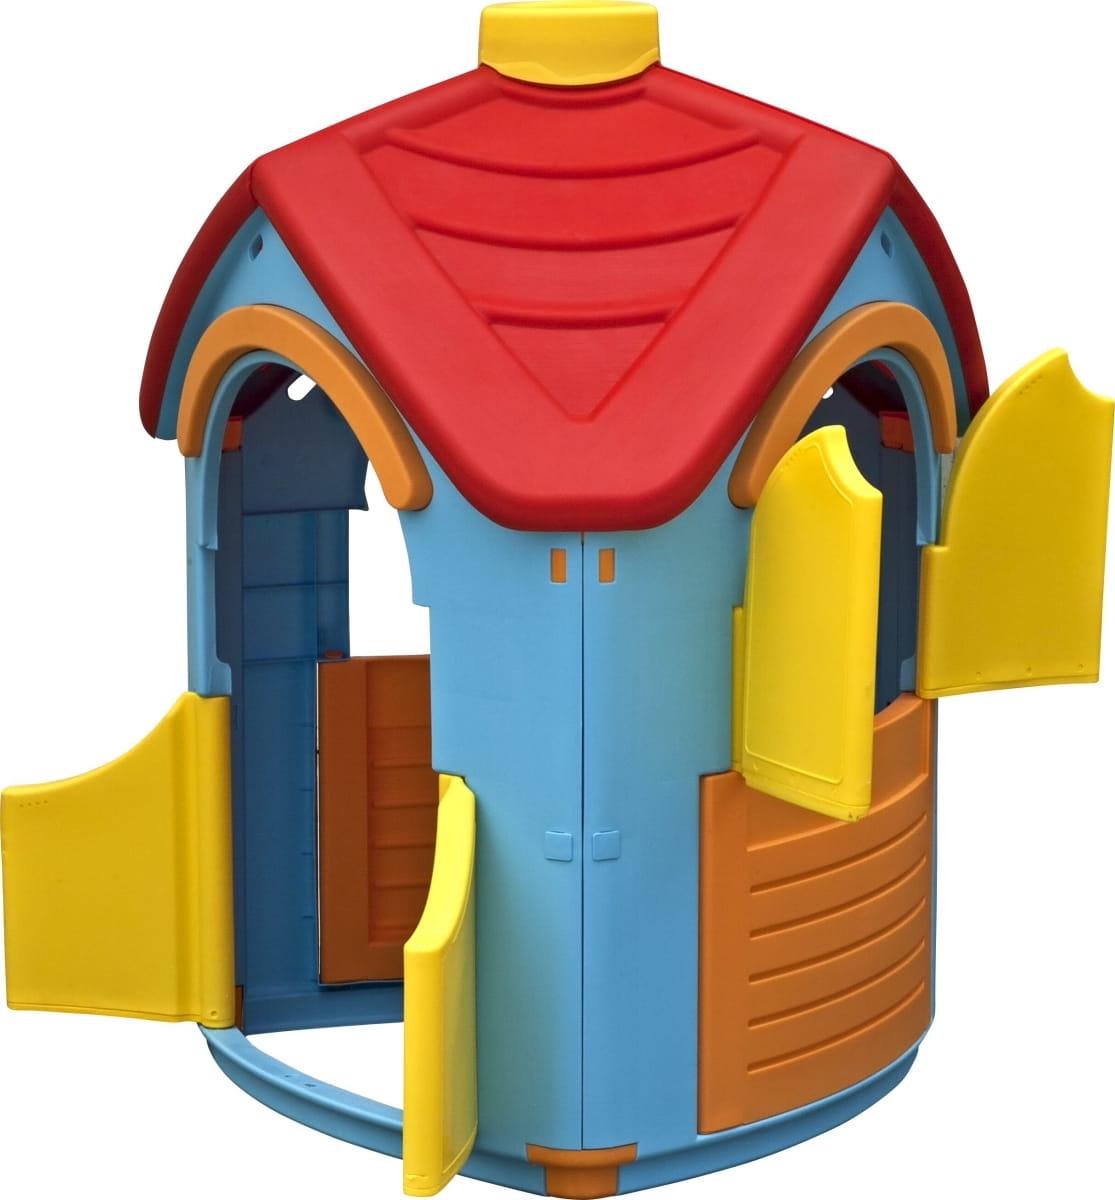 Купить Игровой домик PalPlay Вилла (Marian Plast) в интернет магазине игрушек и детских товаров